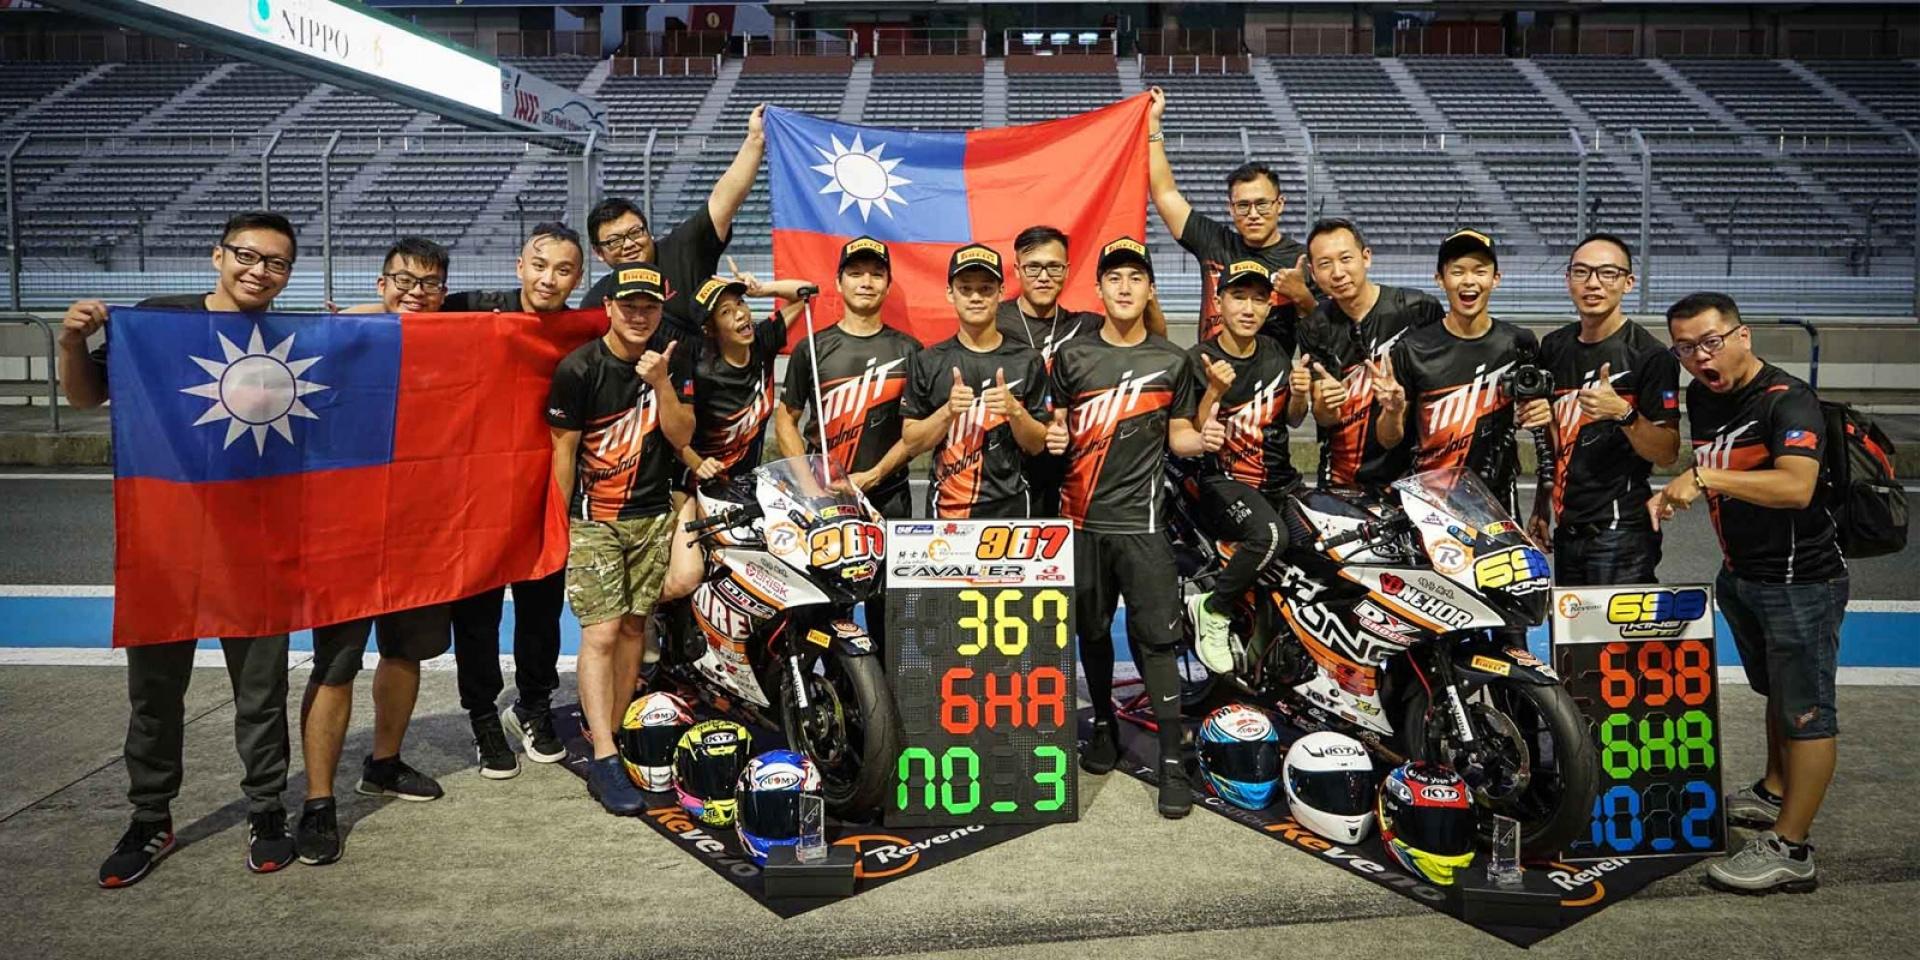 官方新聞稿。台灣之光 台鈴SUZUKI贊助車隊勇奪海外佳績